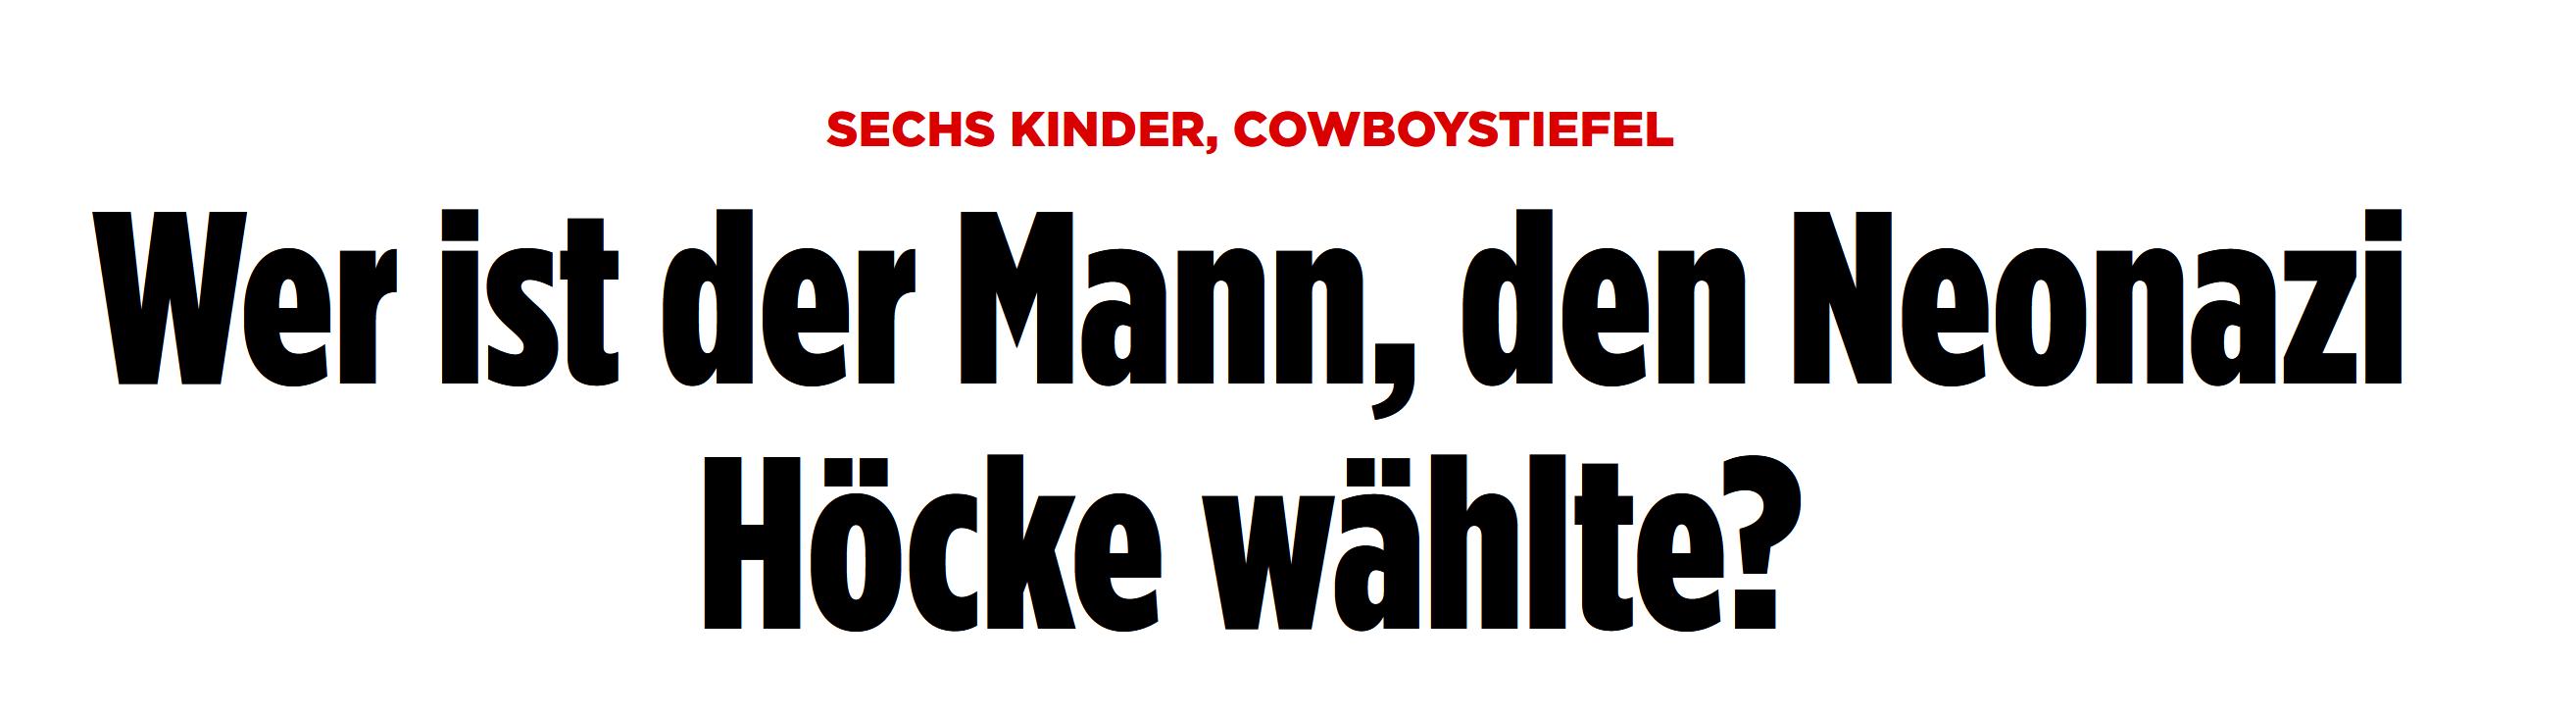 """""""Sechs Kinder, Cowboystiefel: Wer ist der Mann, den Neonazi Höcke wählte?"""""""